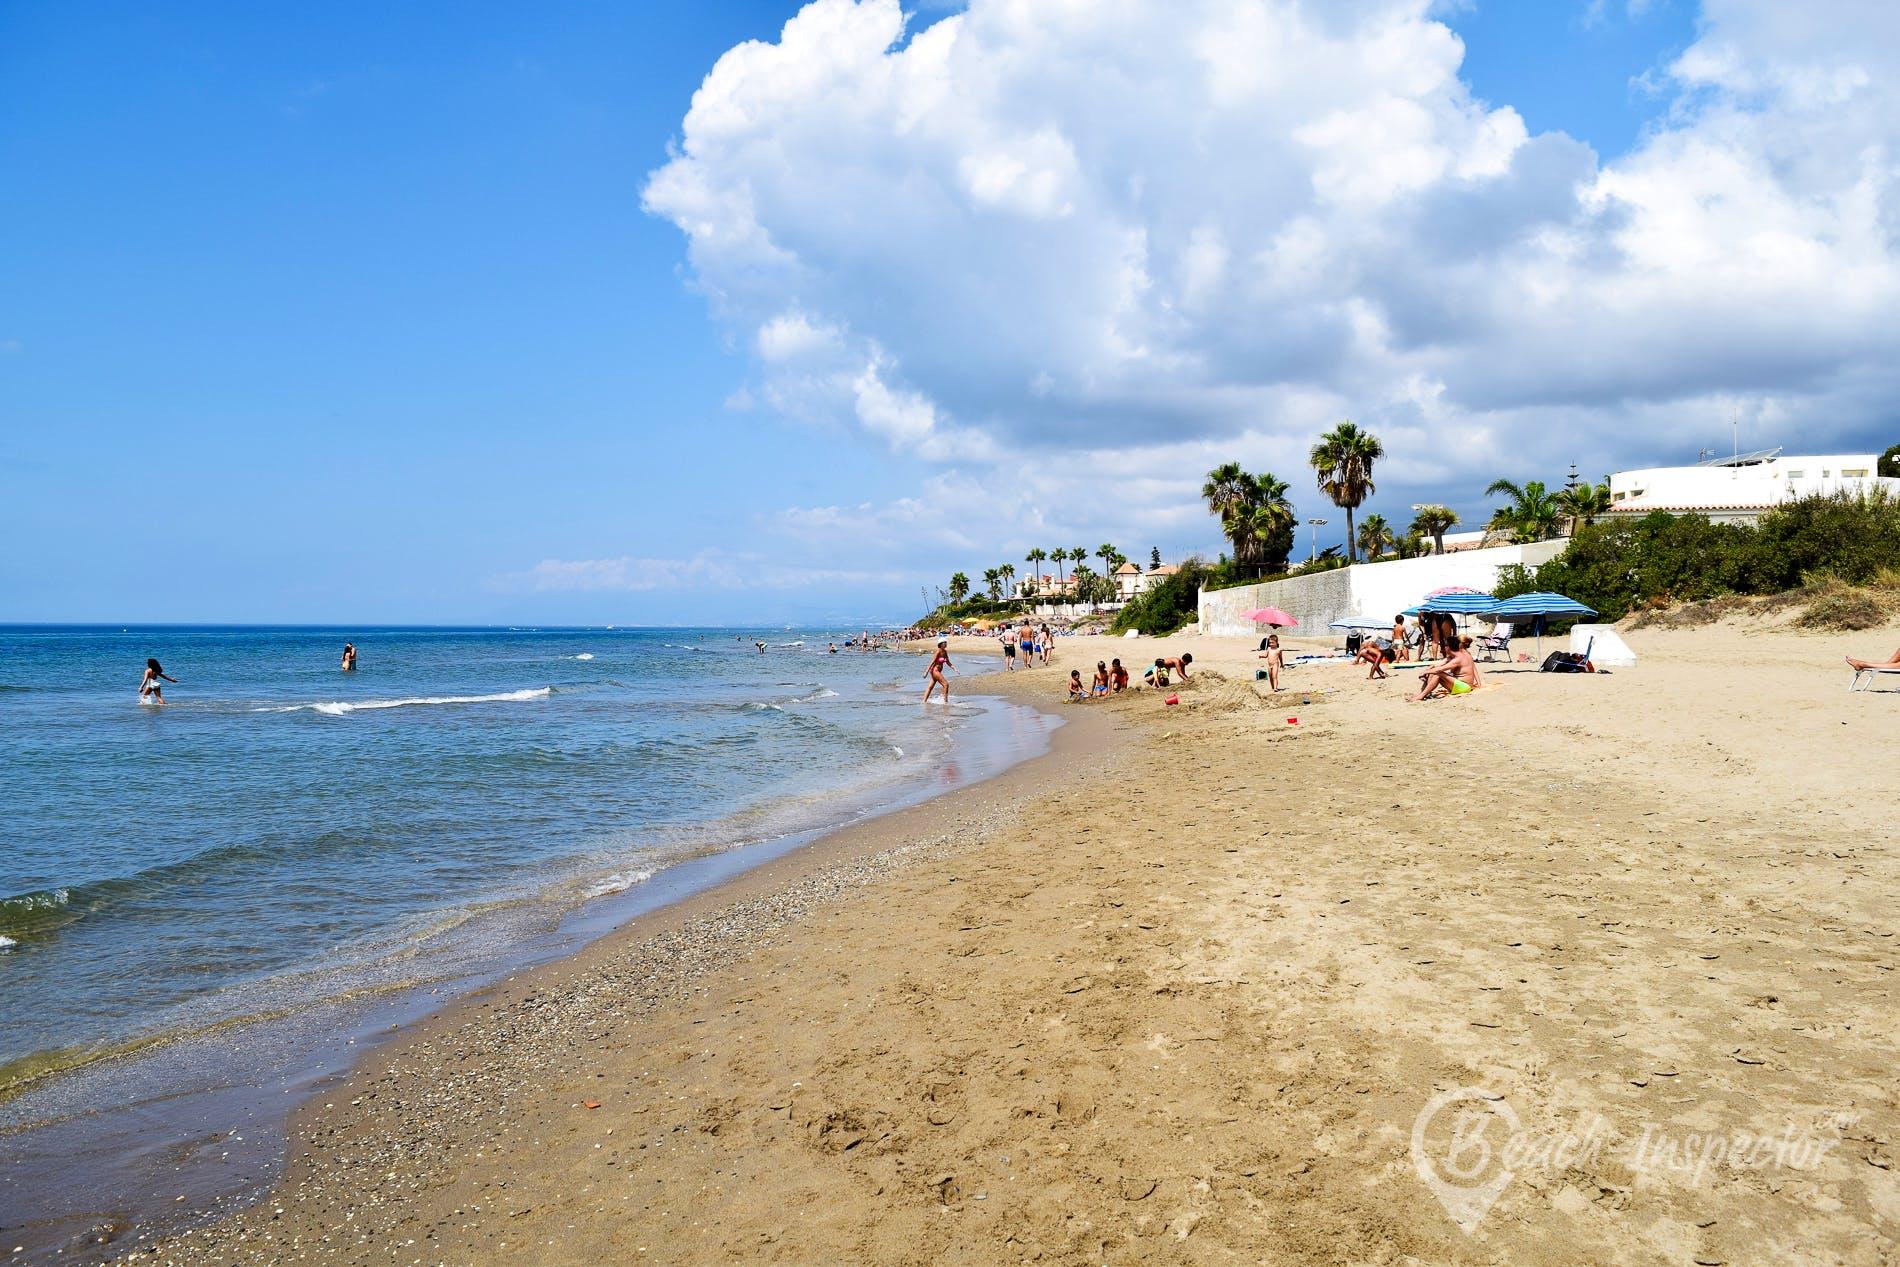 Beach Playa de Artola-Cabopino, Costa del Sol, Spain